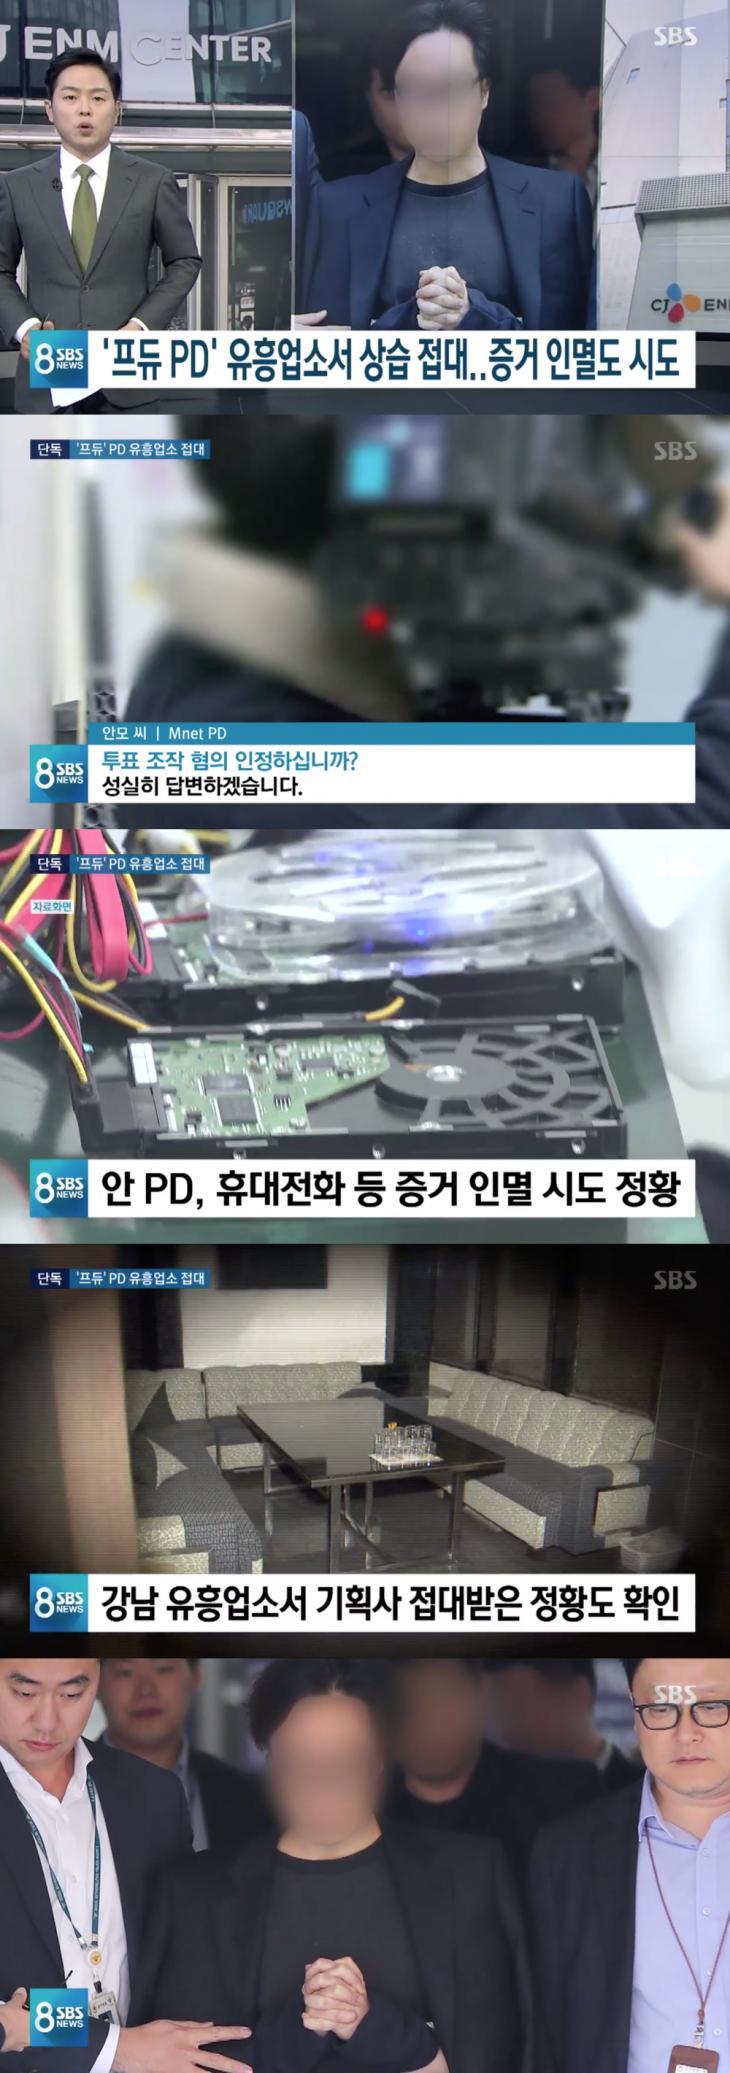 SBS 'SBS 8 뉴스' 방송 캡처